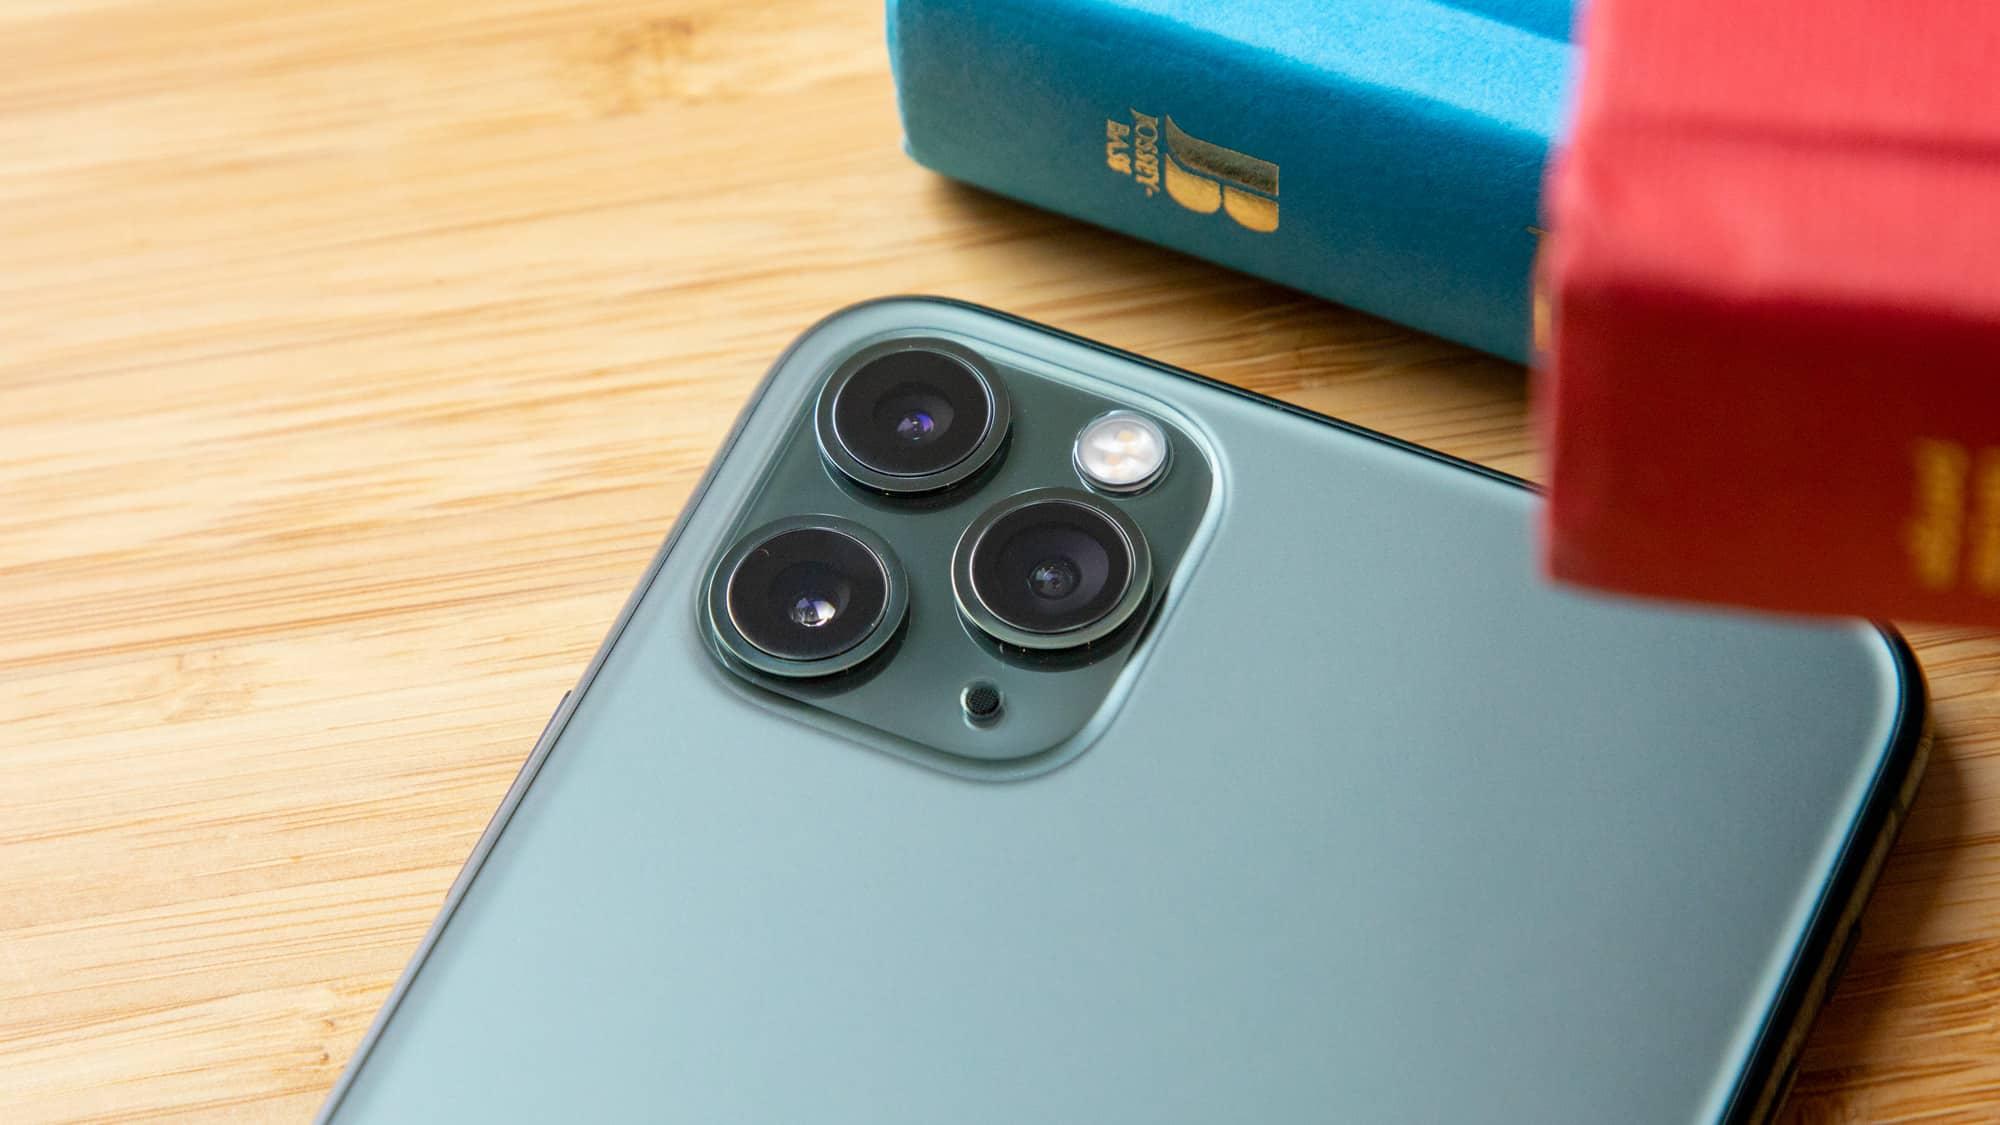 Sau hơn một năm ra mắt, iPhone 11 Pro Max vẫn là siêu phẩm đáng sắm nhất hiện nay, lí do vì sao?